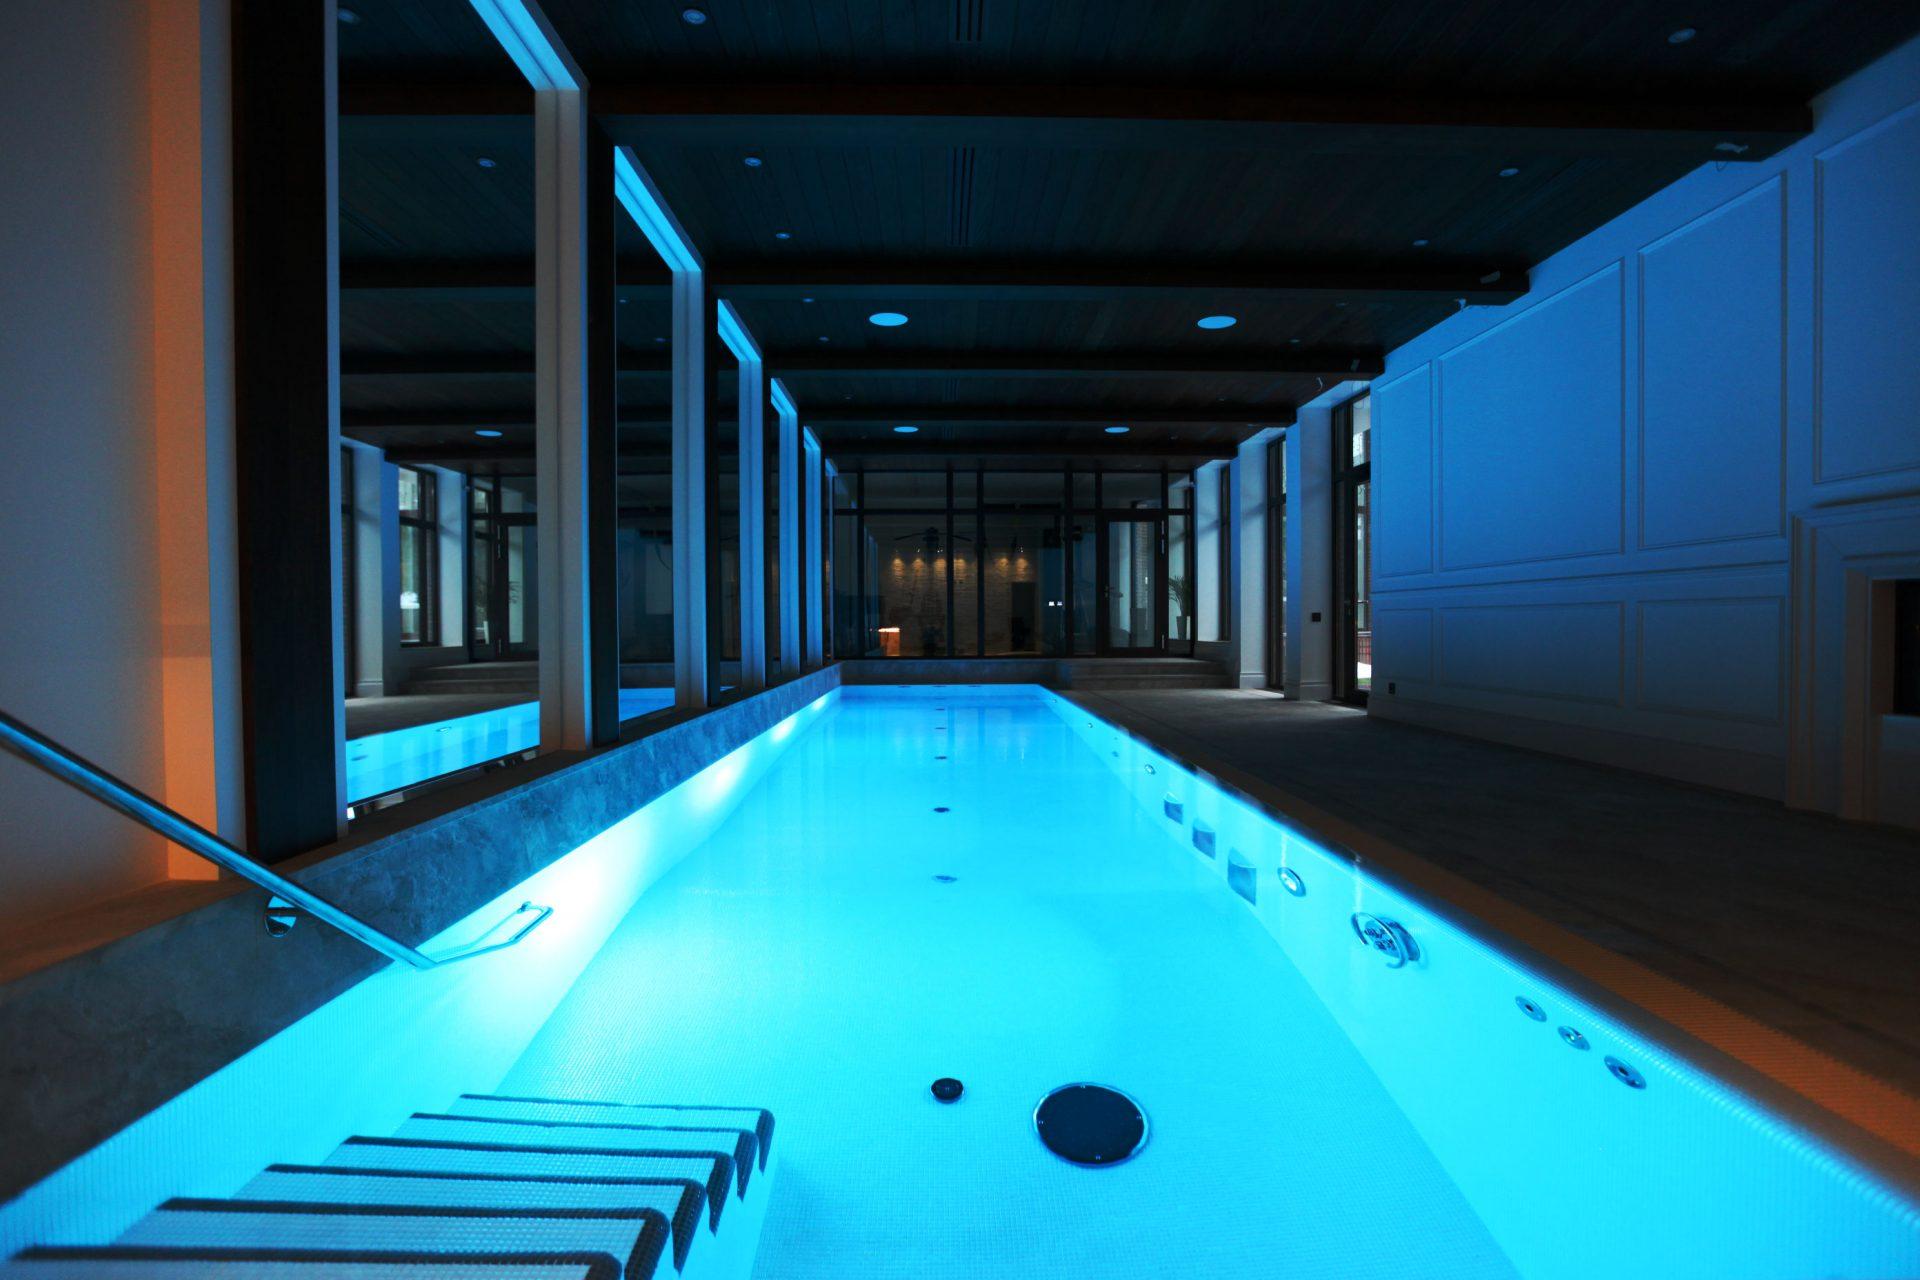 Бассейн с RGB подсветкой, купель, сауна и хамам в частном доме Allpools